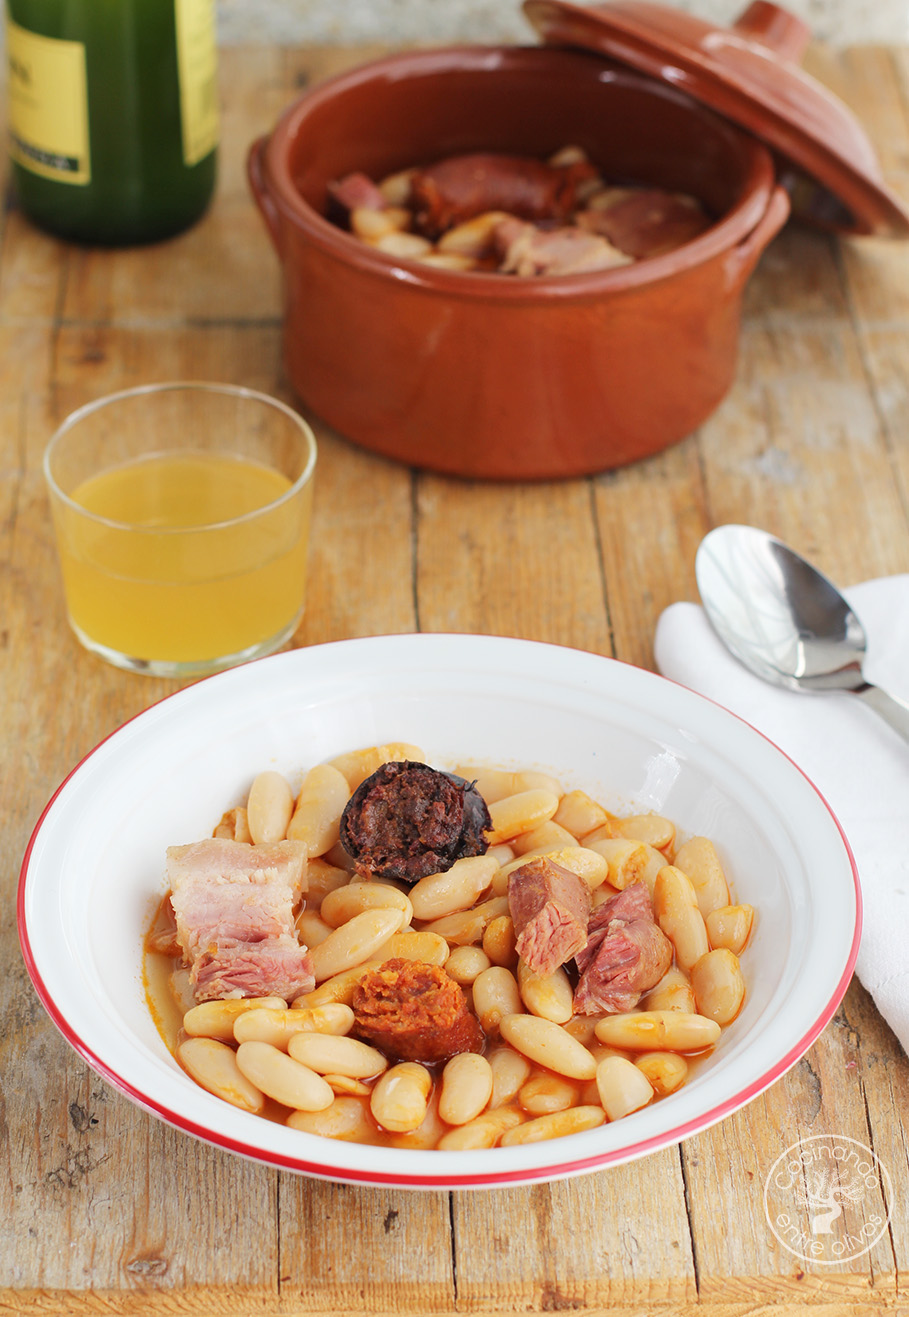 Como Cocinar Fabada | Como Hacer Fabada Asturiana Receta Paso A Paso Cocinando Entre Olivos